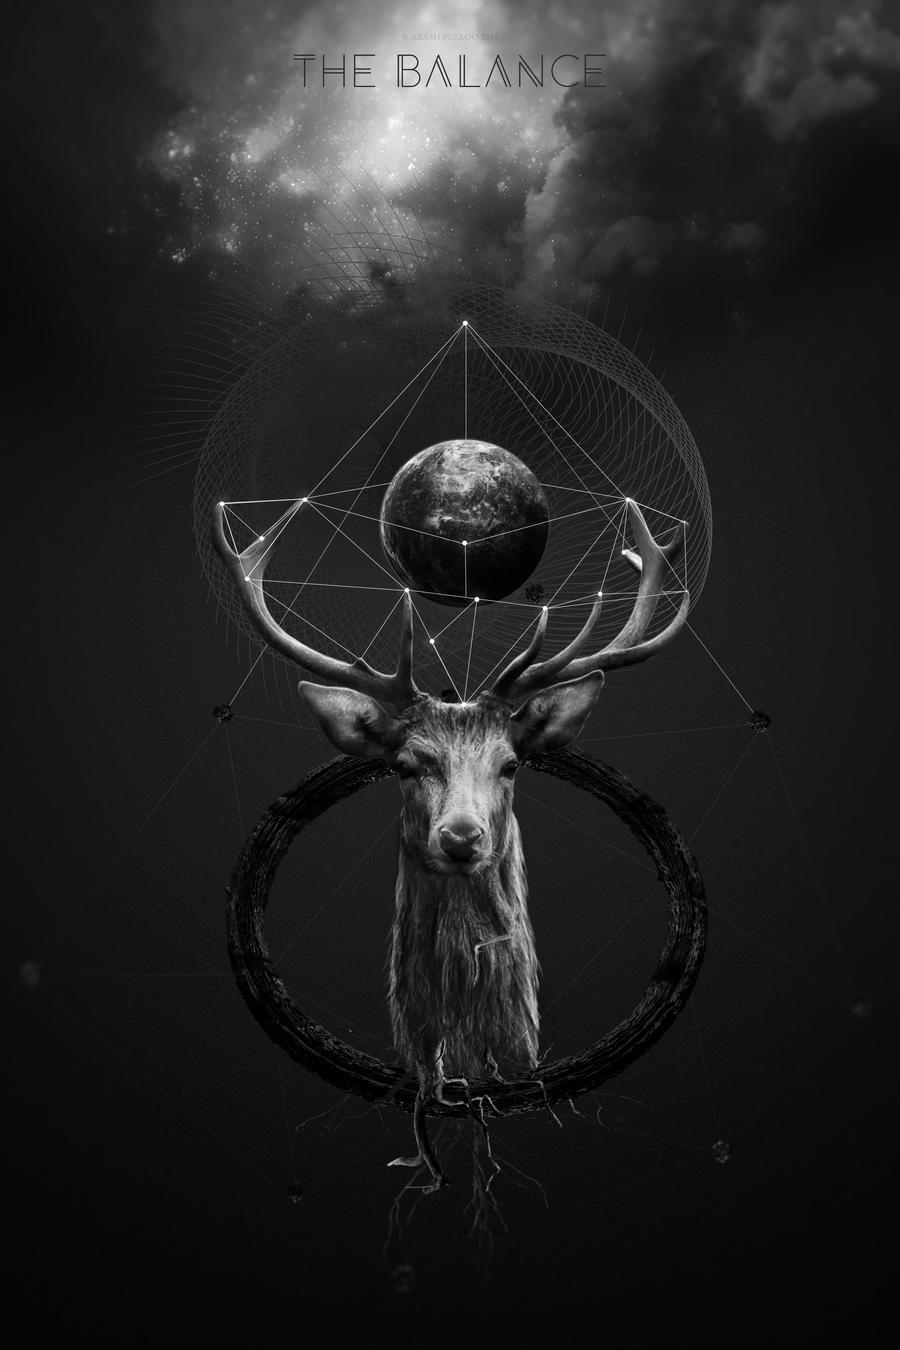 The Balance by AkaSling